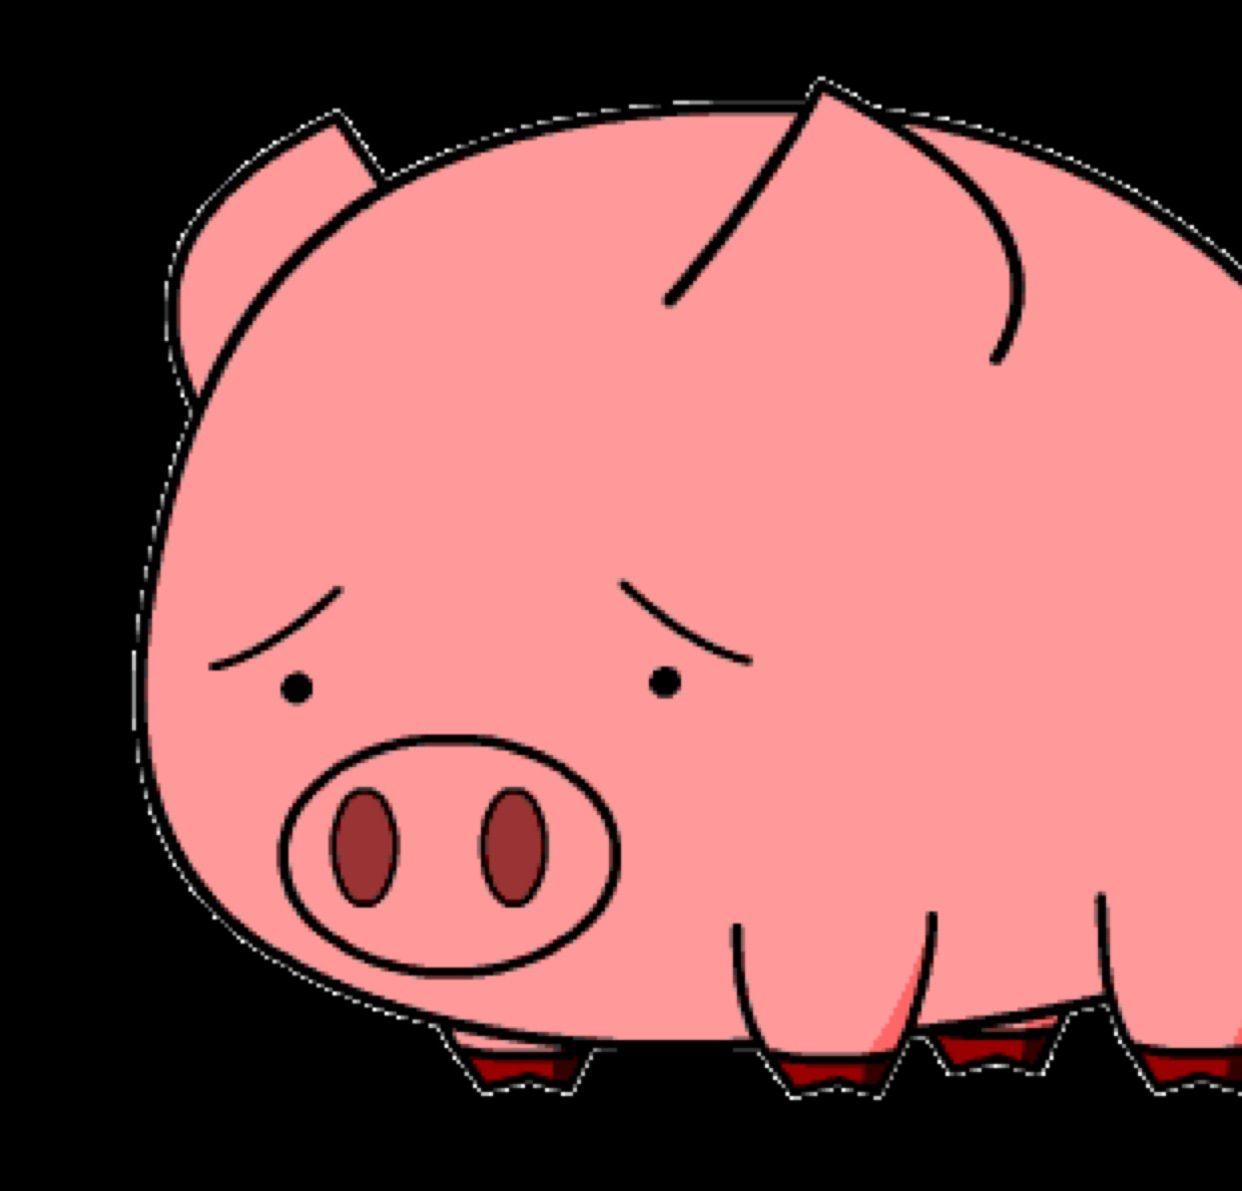 猪头晕卡通图片可爱